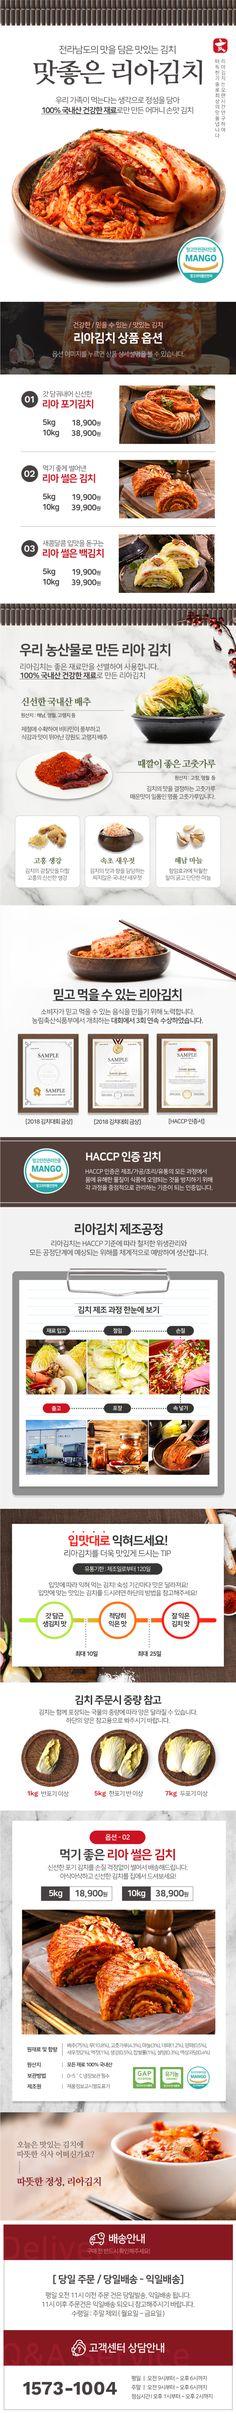 #김치 / #김치상세페이지 / #식품상세페이지 / #식품디자인 / #음식상세페이지 / #상세페이지 / #상세페이지템플릿 / #상세페이지디자인 / #상세페이지플랫폼 / #디자인템플릿 / #디자인플랫폼 / #망고보드 Web Design, Graphic Design, Korean Style, Korean Fashion, Layout, Detail, Shopping, Korea Style, K Fashion